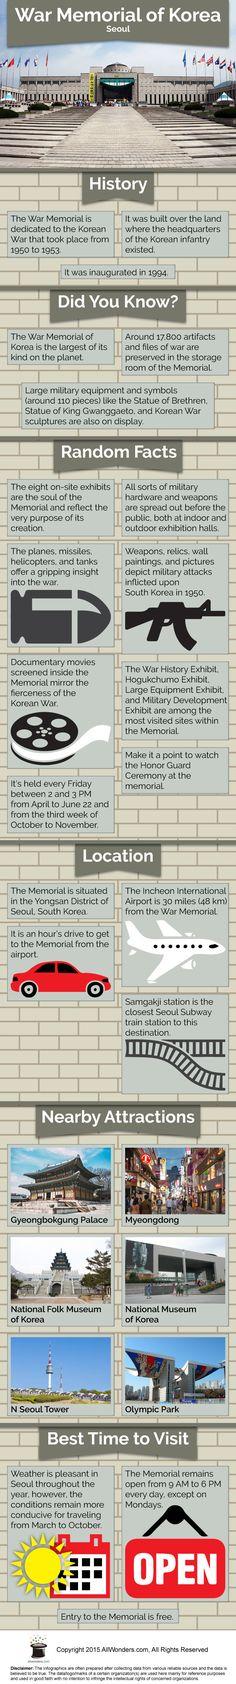 War Memorial Of Korea Infographic